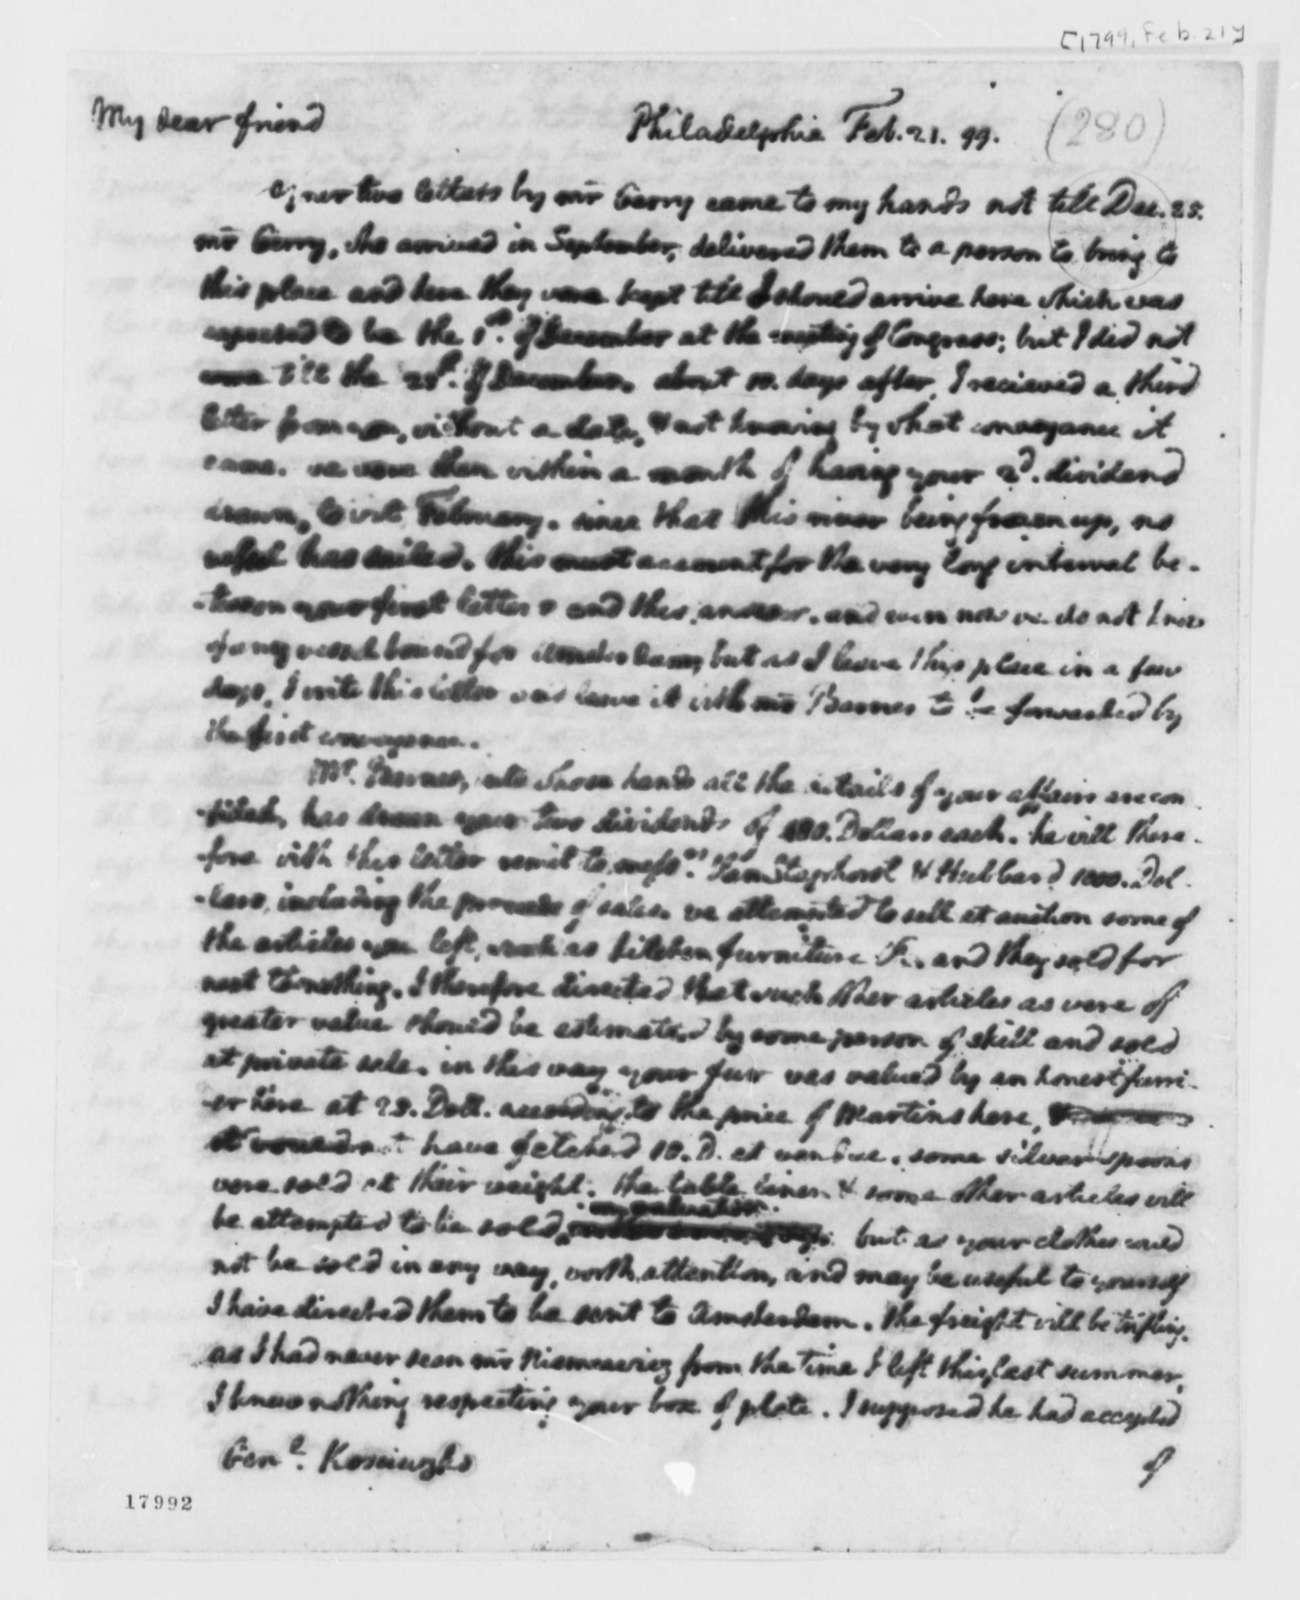 Thomas Jefferson to Thaddeus Kosciuszko, February 21, 1799